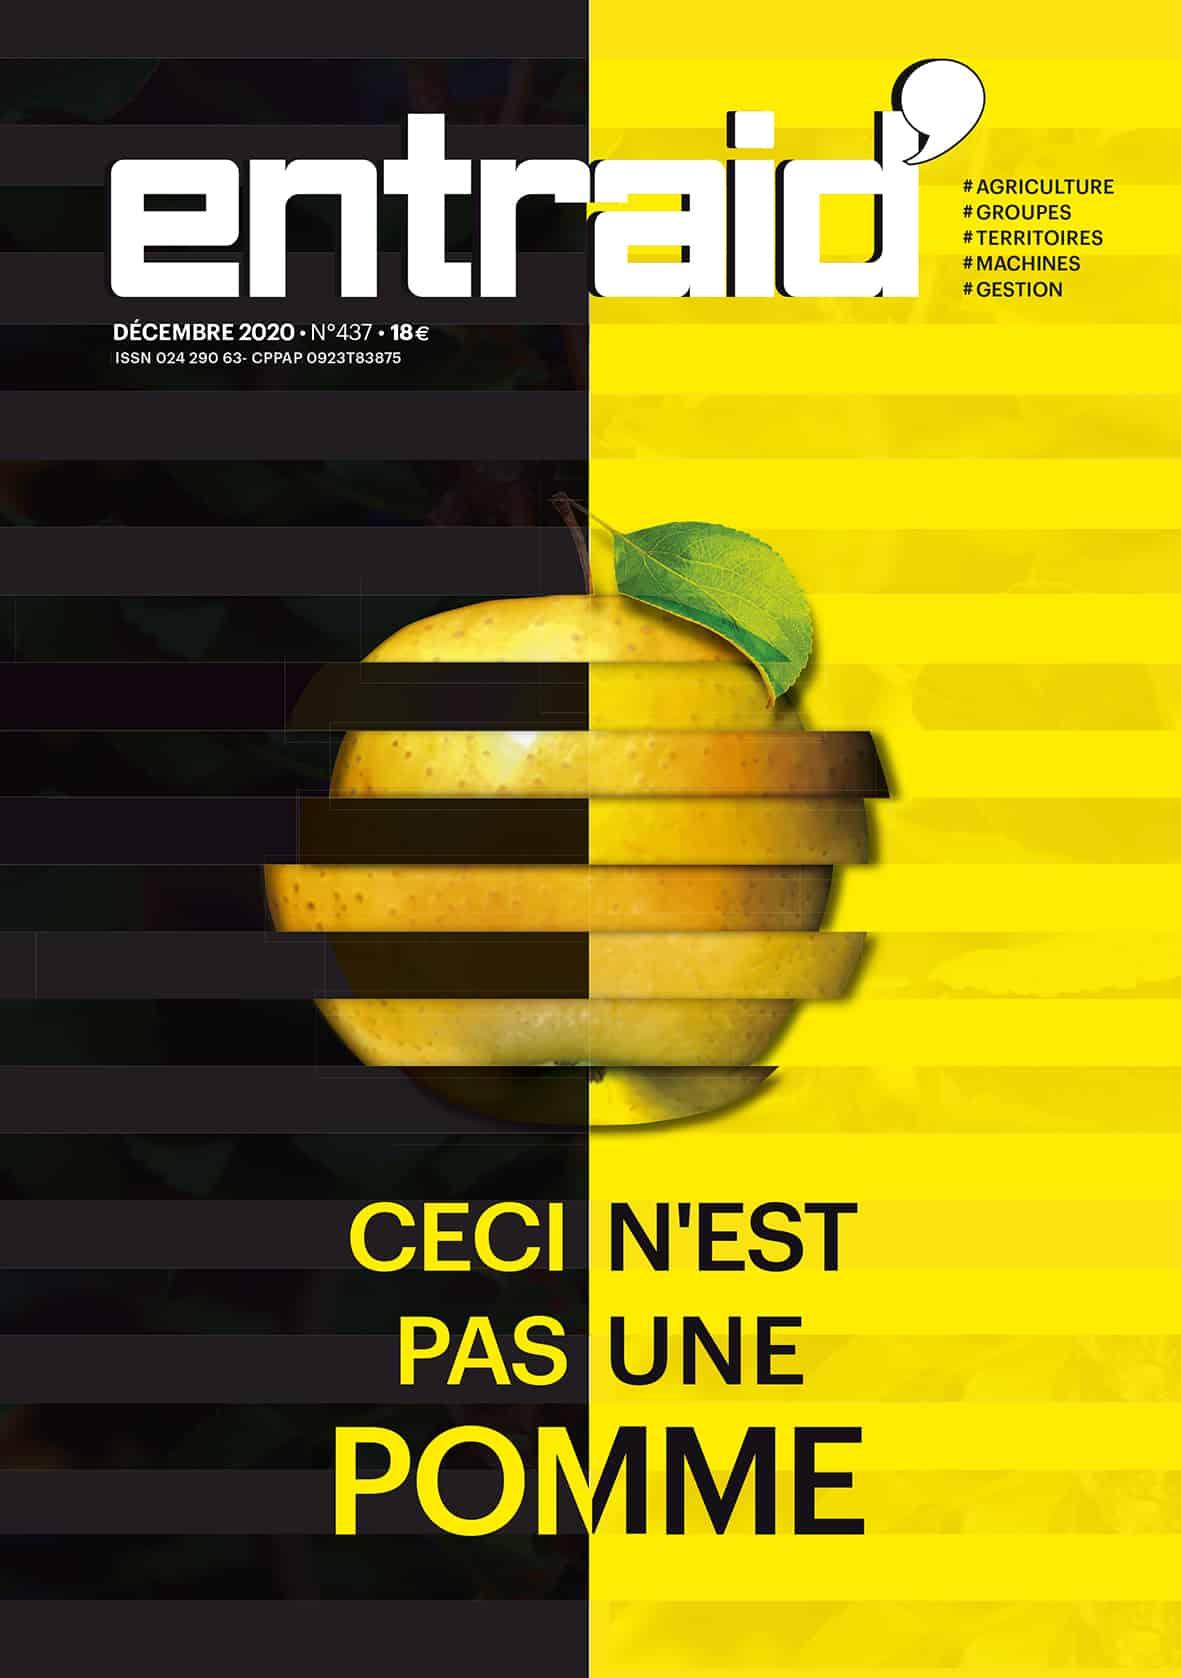 Couverture du magazine Entraid de décembre 2020